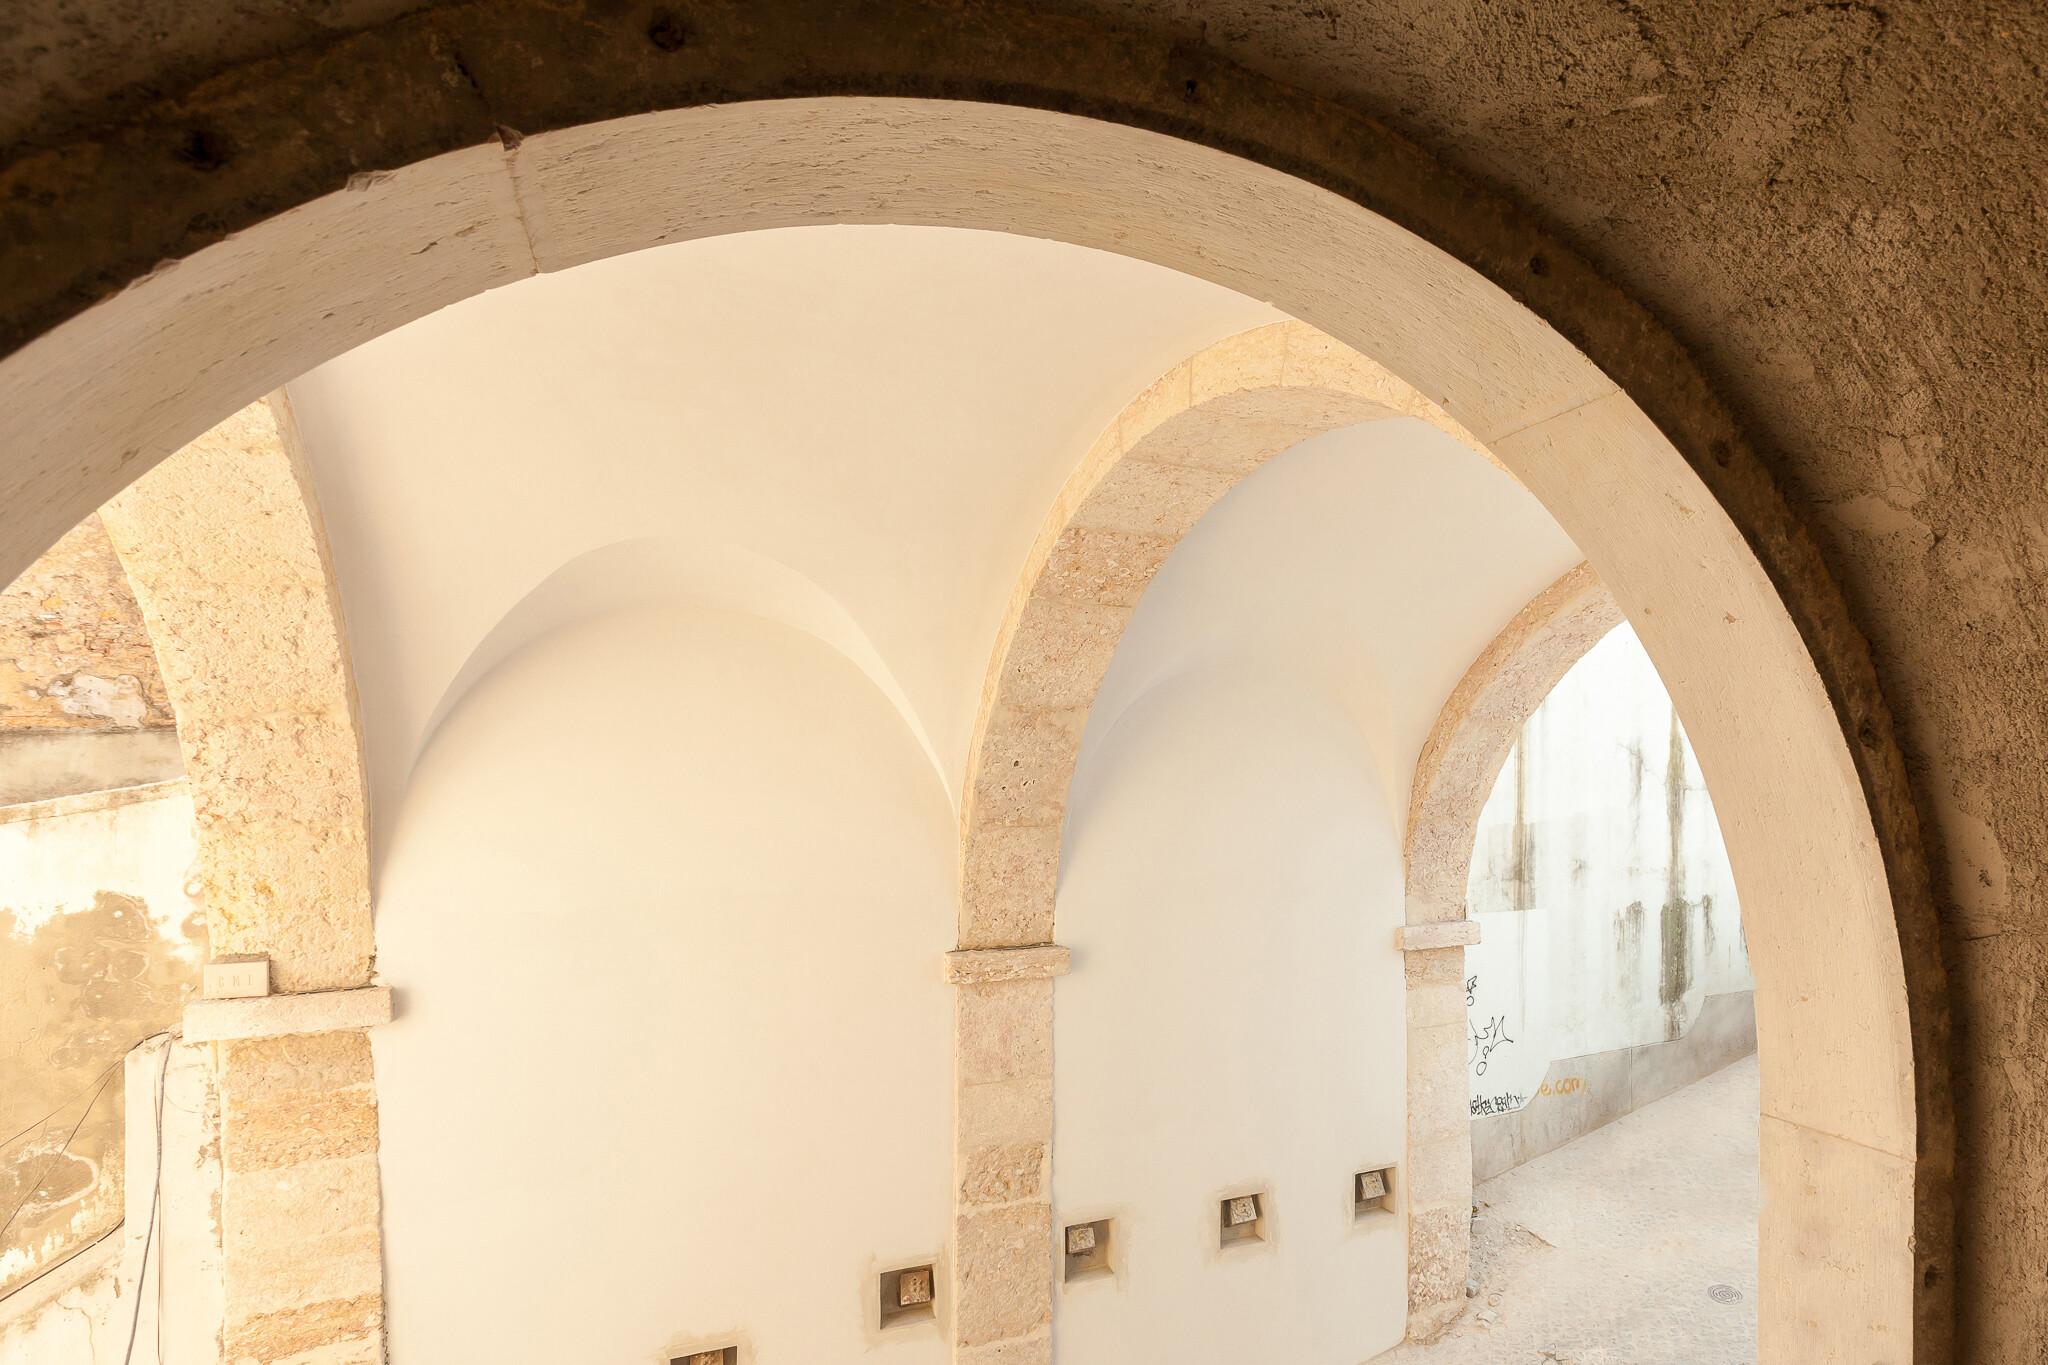 Hotel Convento do Salvador - Lisboa, Portugal - Fotografia de Arquitetura / Architectural Photography - © Adriano Neves - acseven